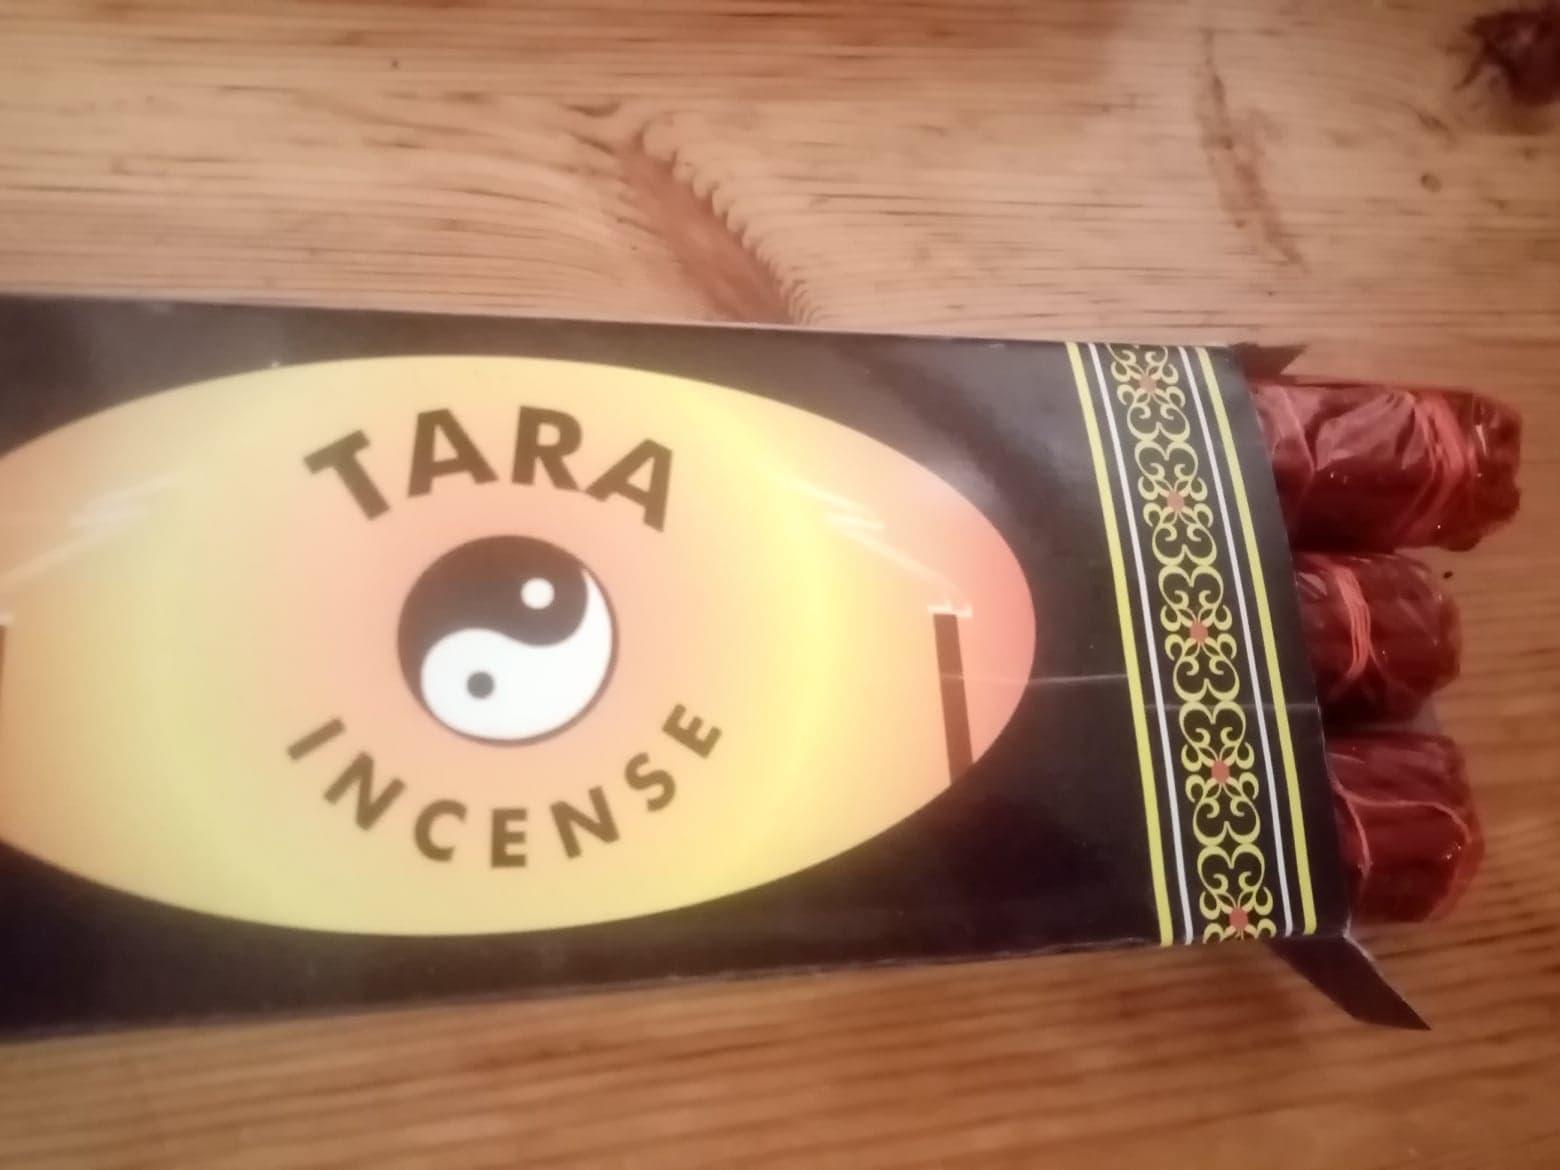 Tara incense - 3x19 pakke, 17 cm